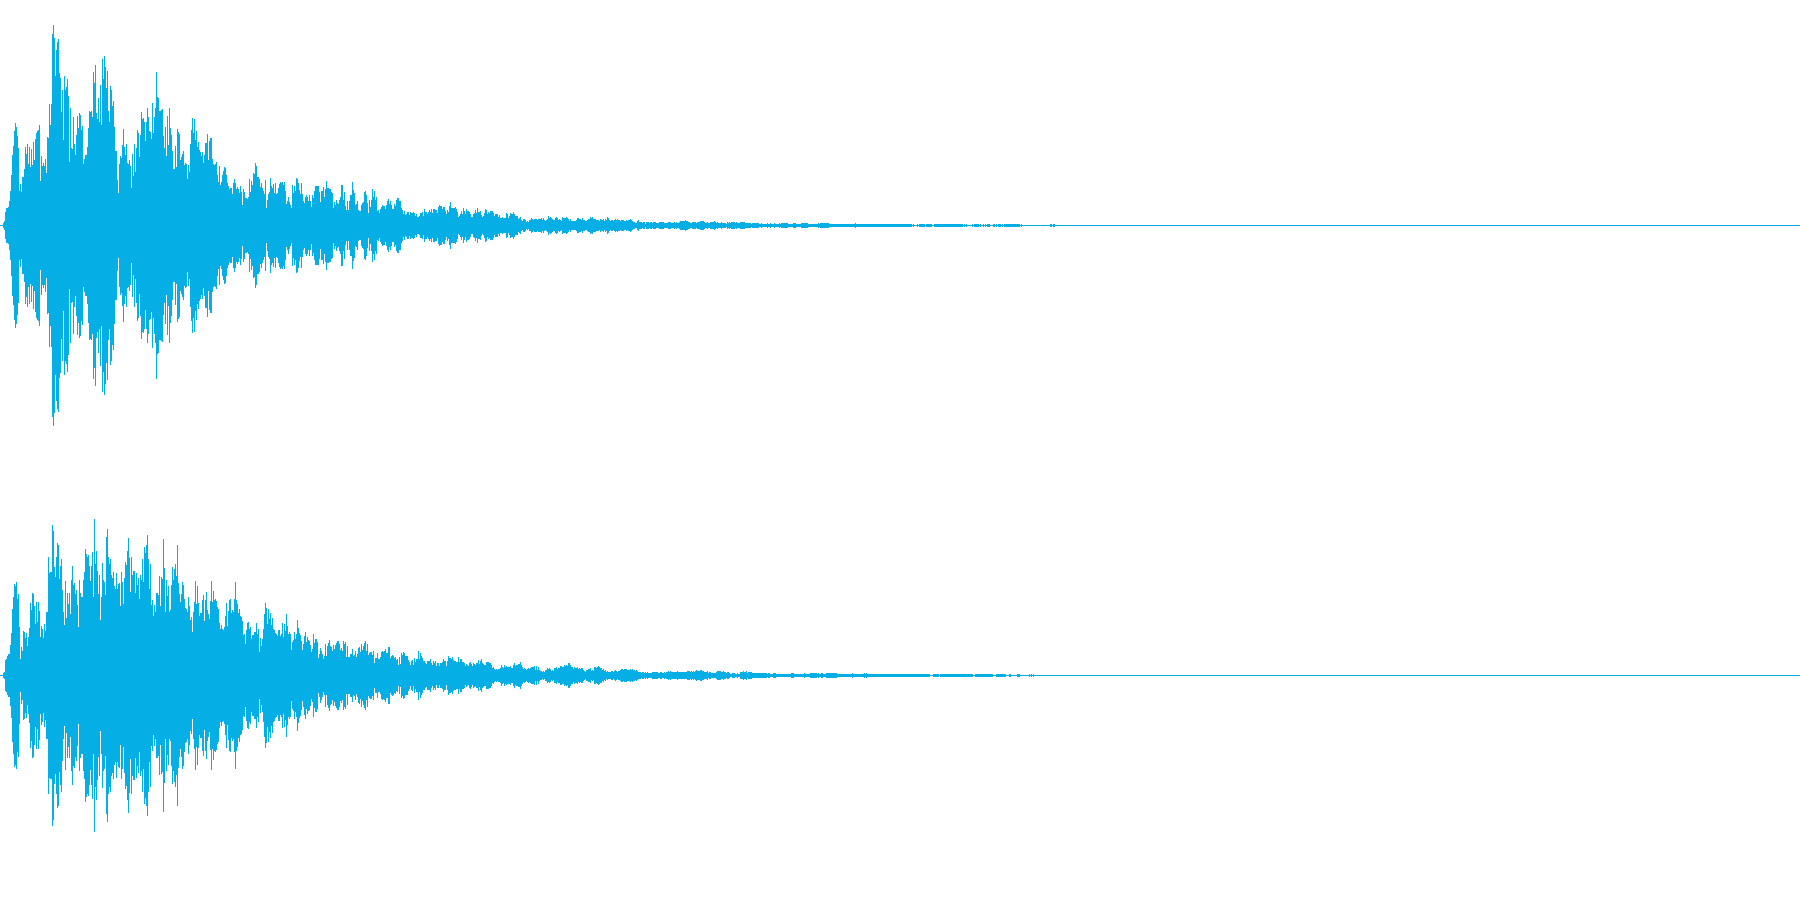 ゲームスタート、決定、ボタン音-086の再生済みの波形